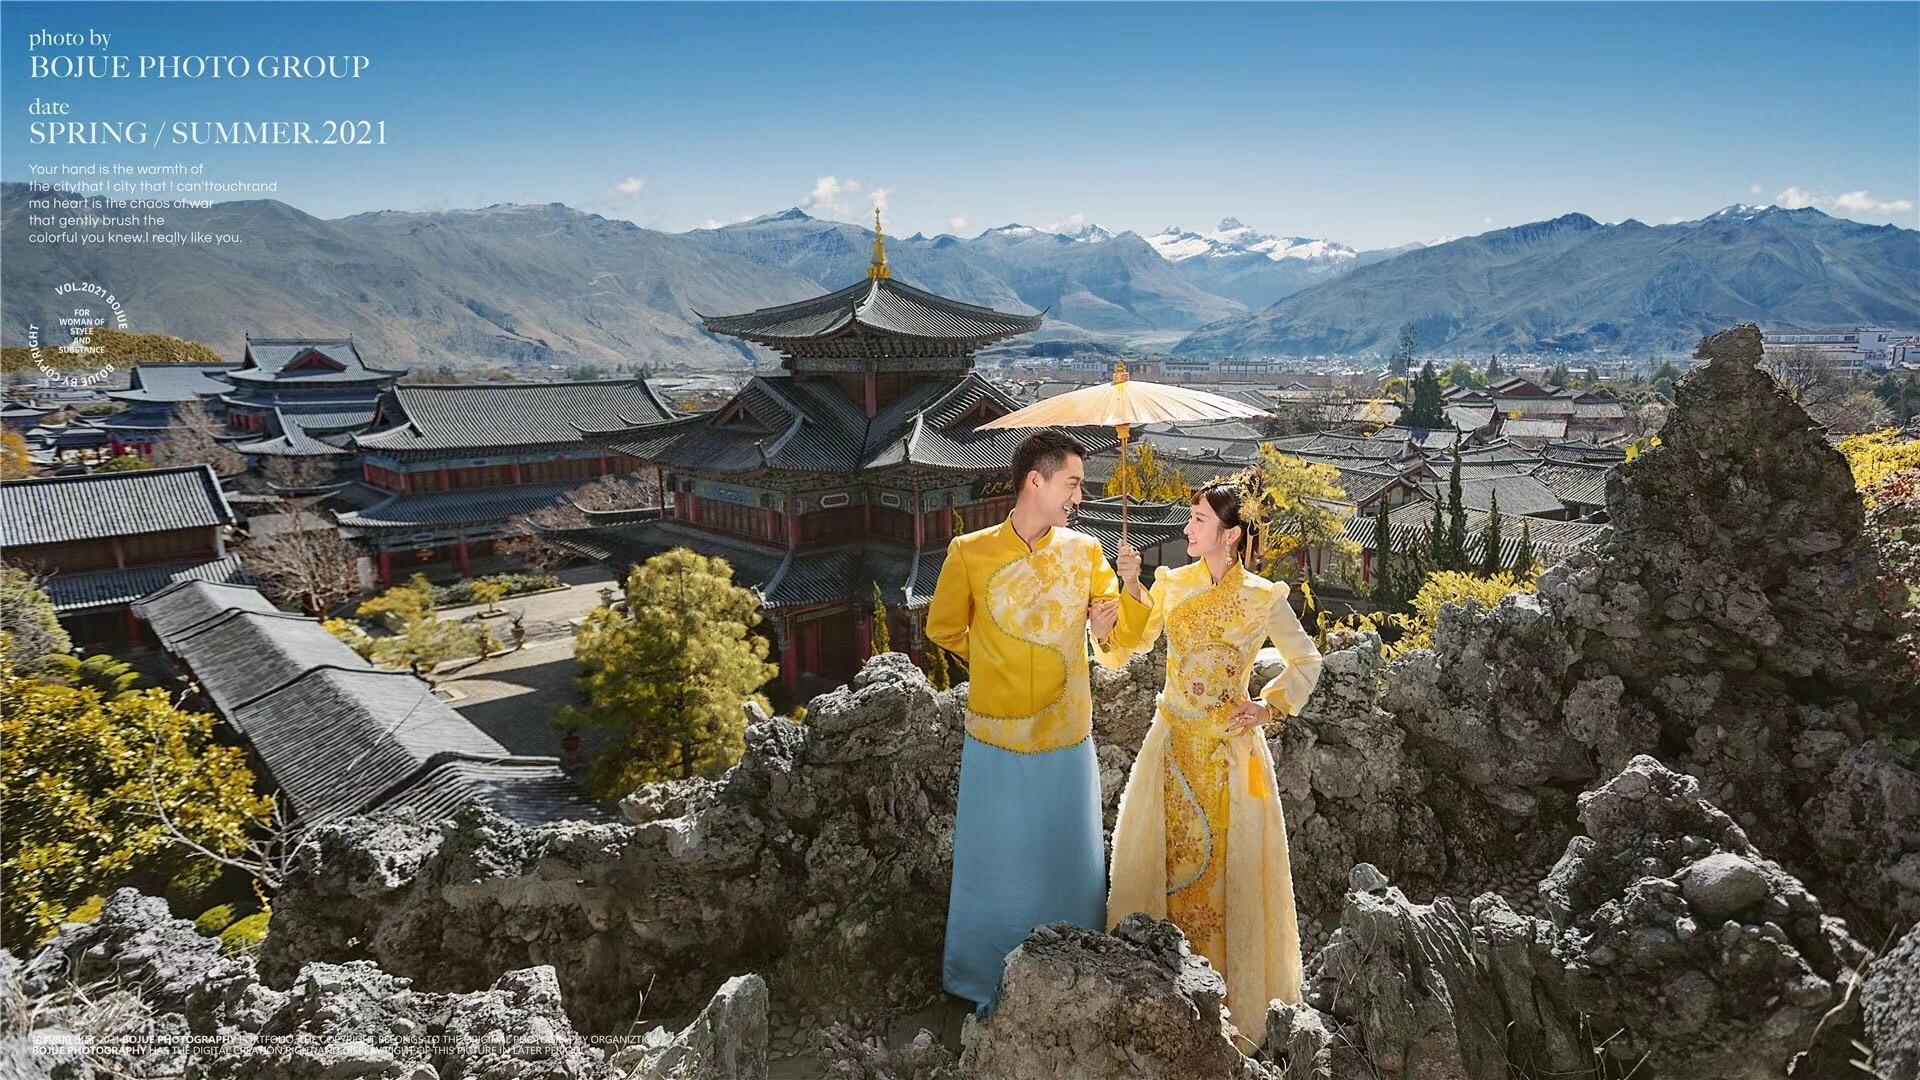 #铂爵旅拍# 丽江之行的婚纱照拍摄